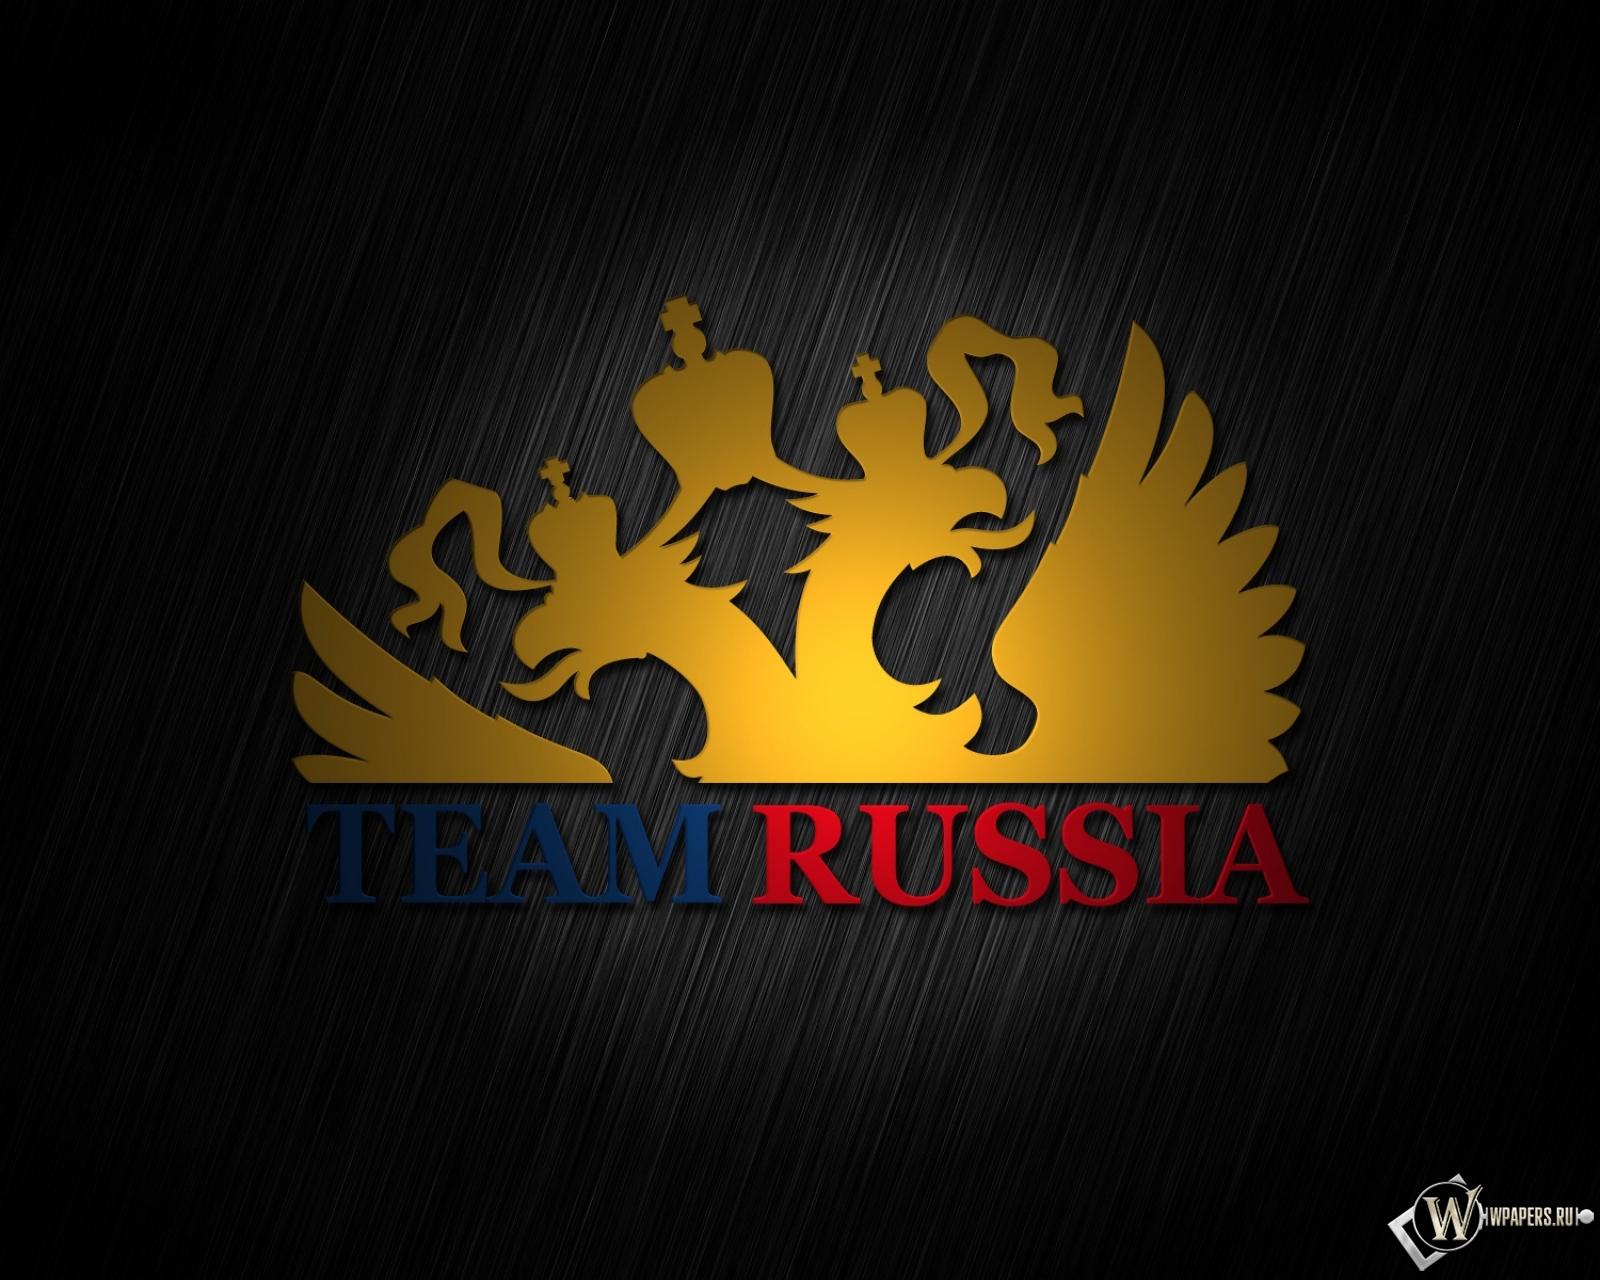 Обои team russia россия герб russia 1600x1280